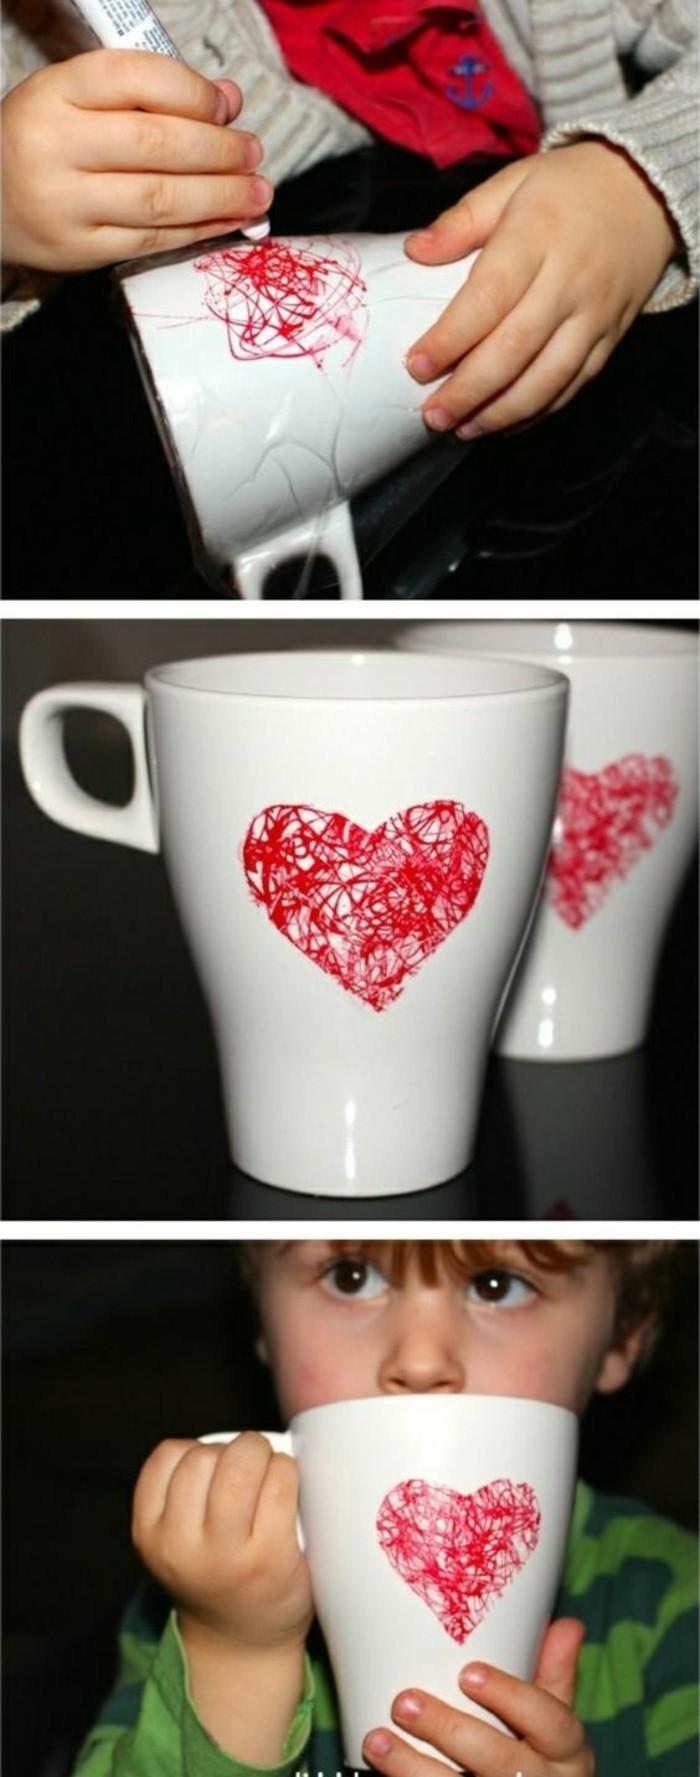 Idee regalo fai da te per amica, tazza con disegno, disegno cuore rosso